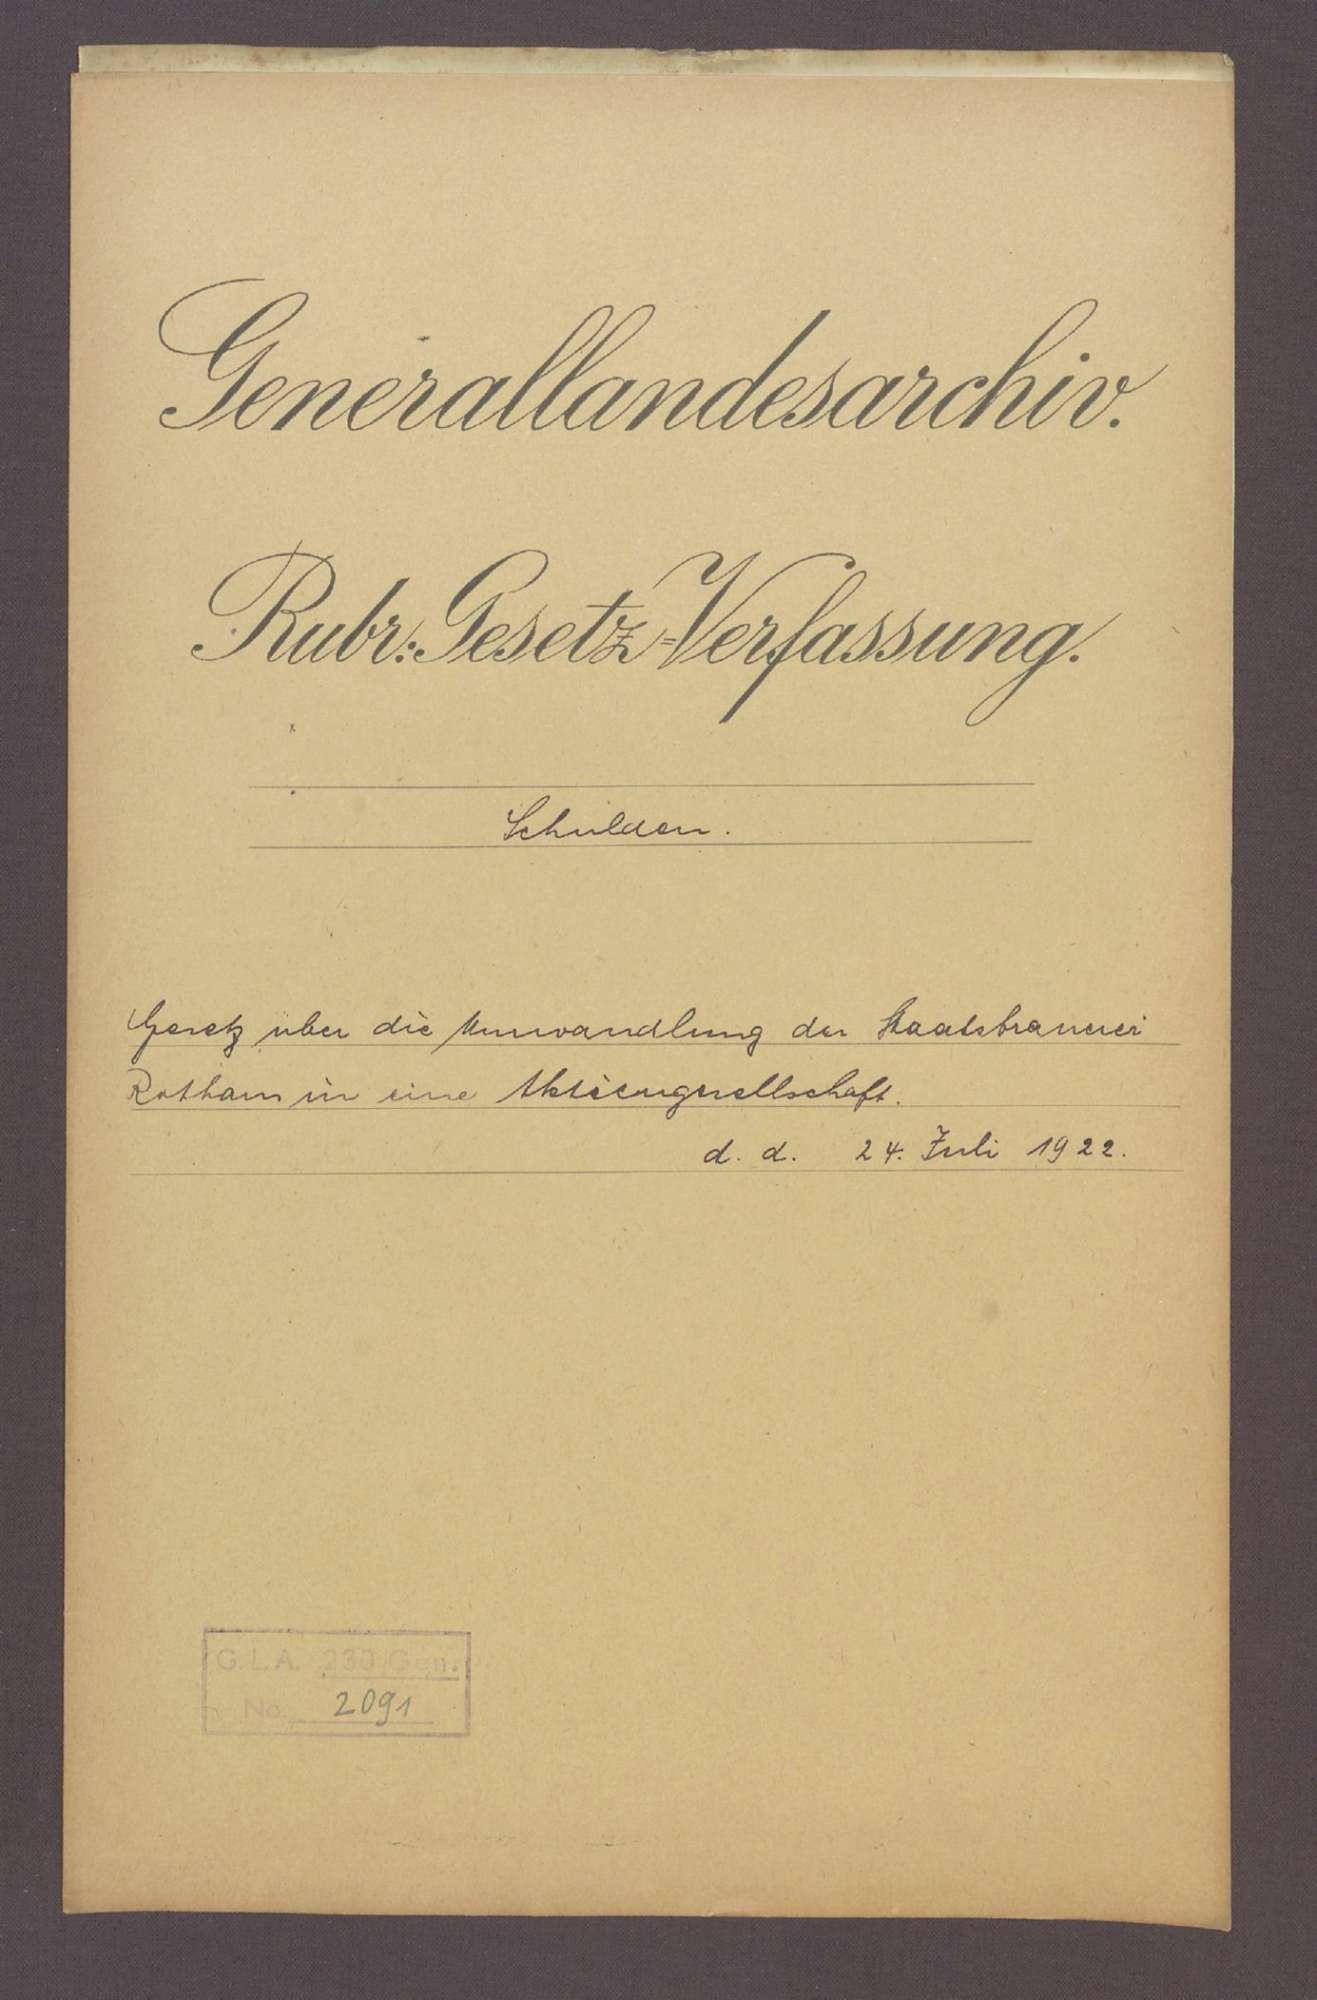 Gesetz über die Umwandlung der Staatsbrauerei Rothaus in eine Aktiengesellschaft (24. Juli 1922), Bild 1